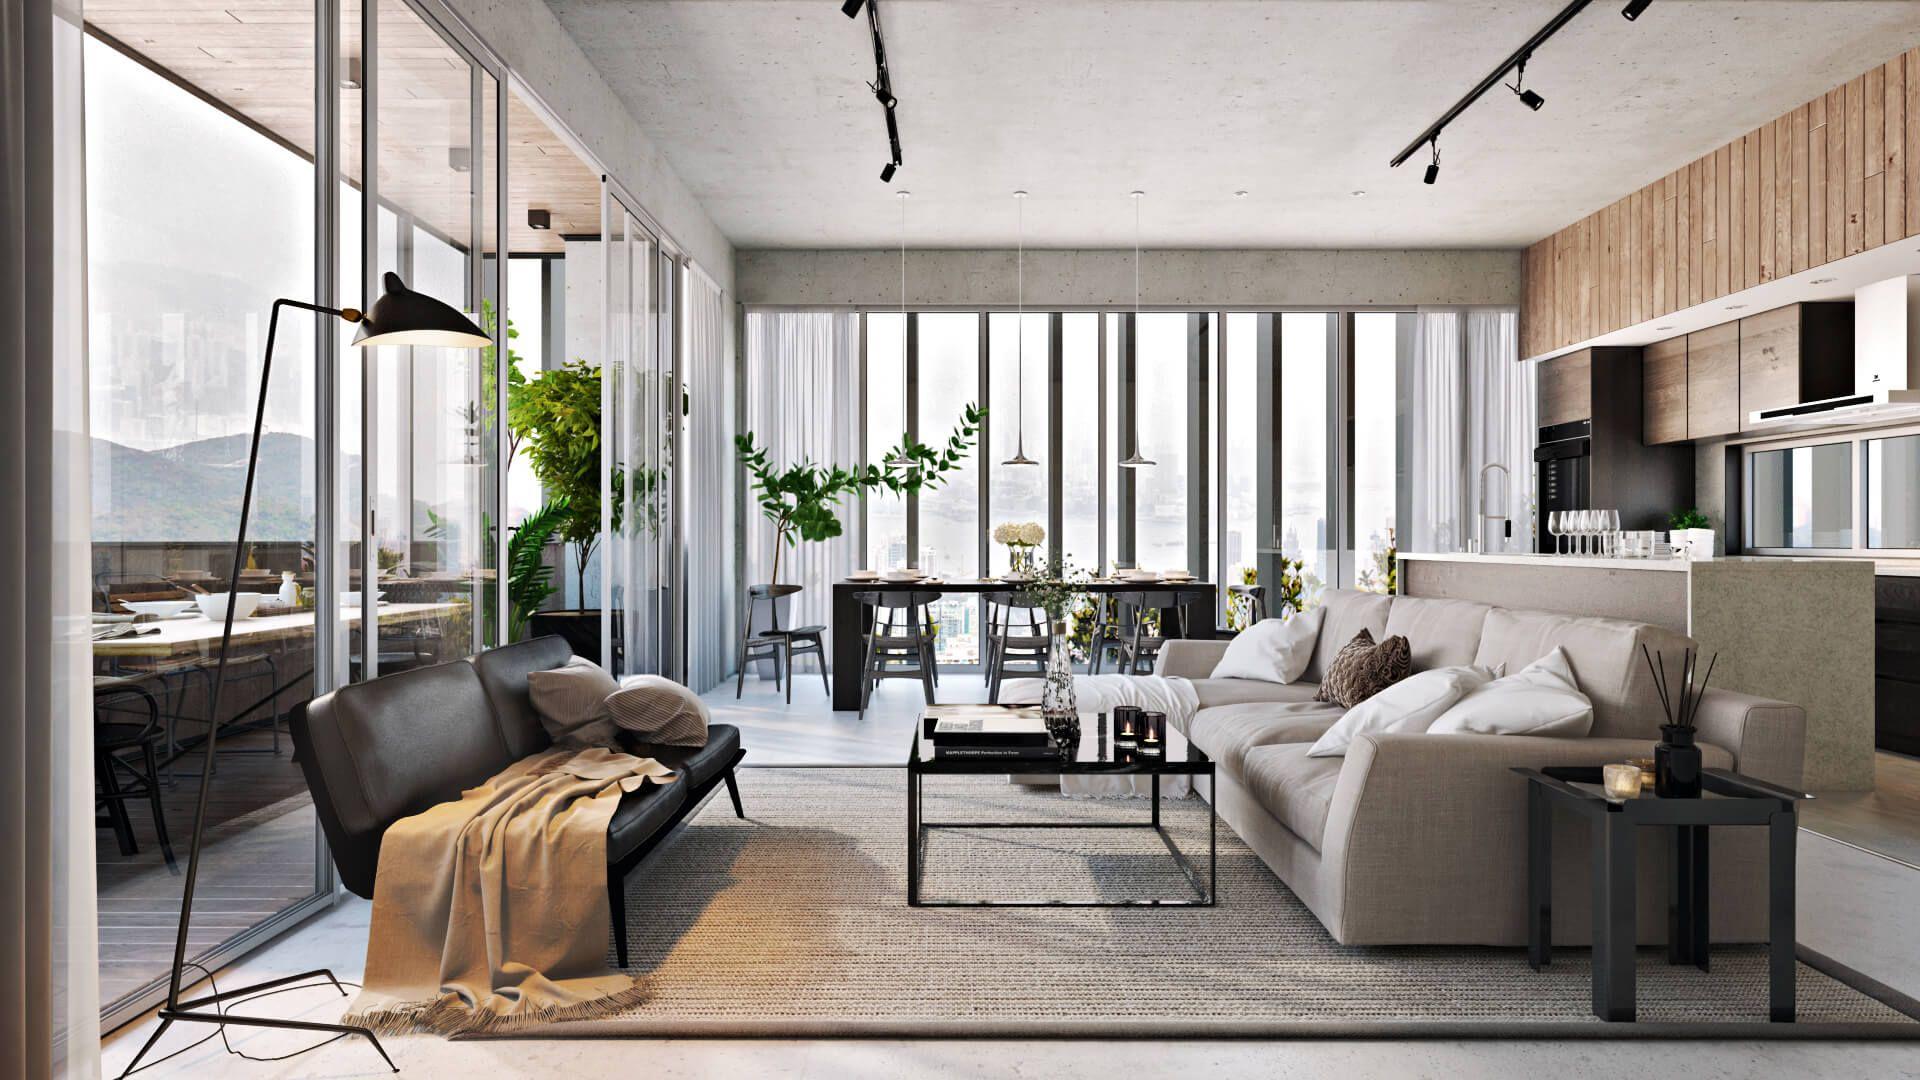 3d Visualization Portfolio For Architectural And Interior Design